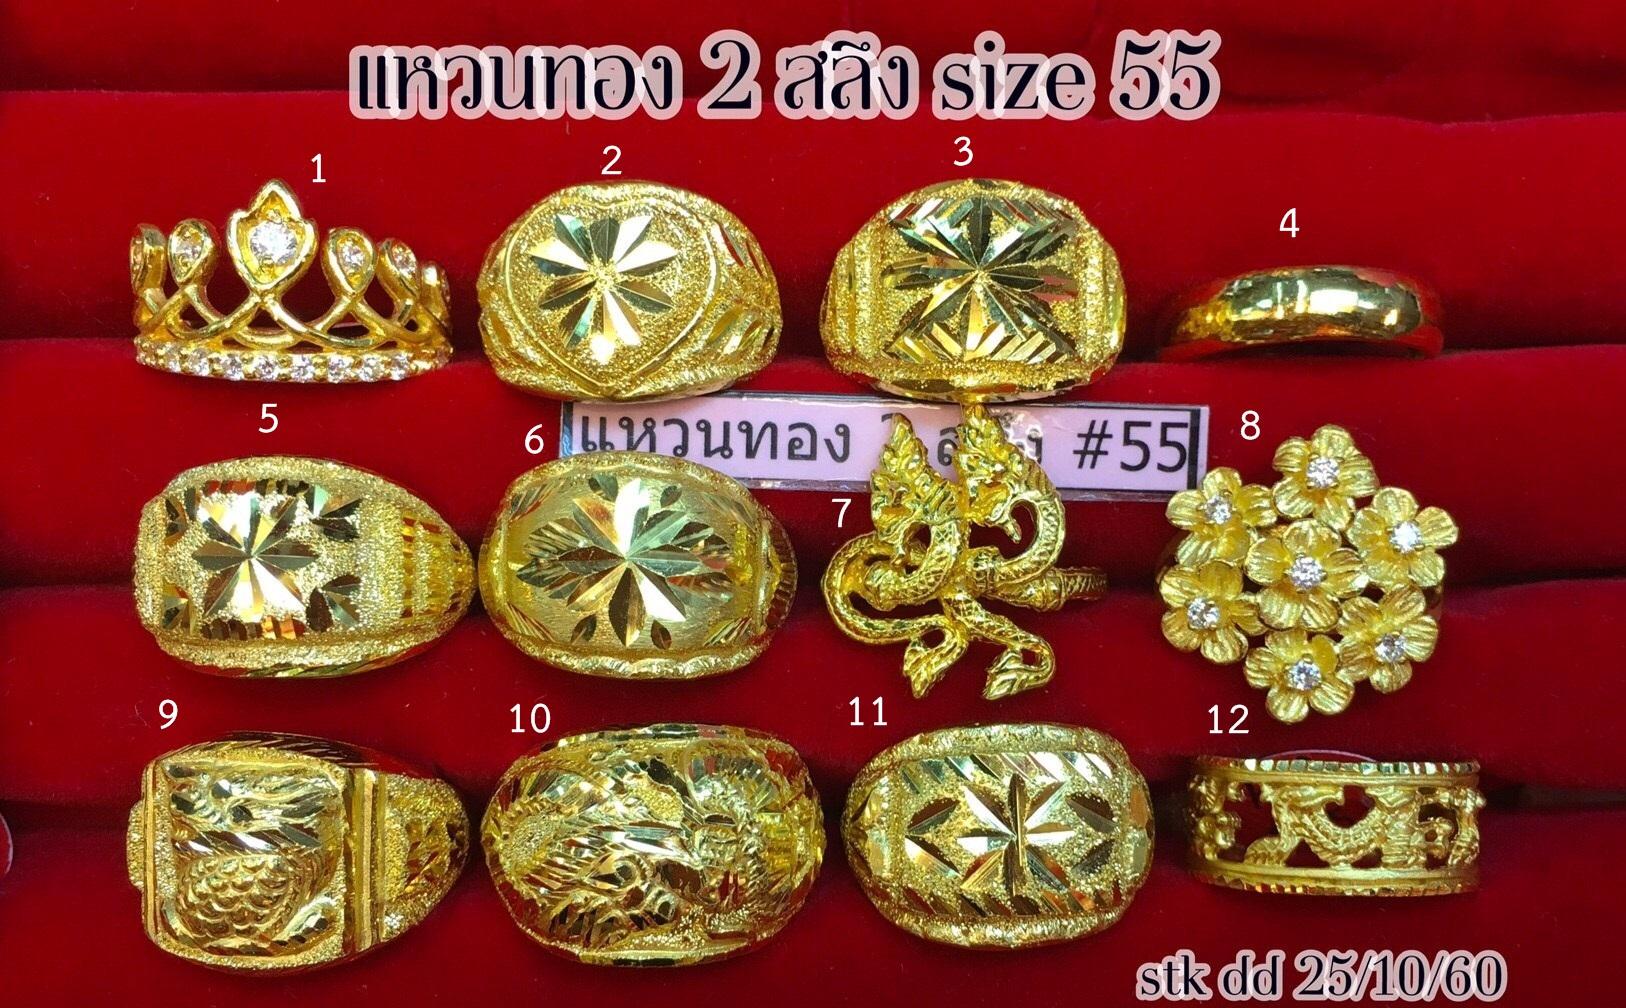 แหวนทองแท้ 96.5% หนัก 2 สลึง size 55